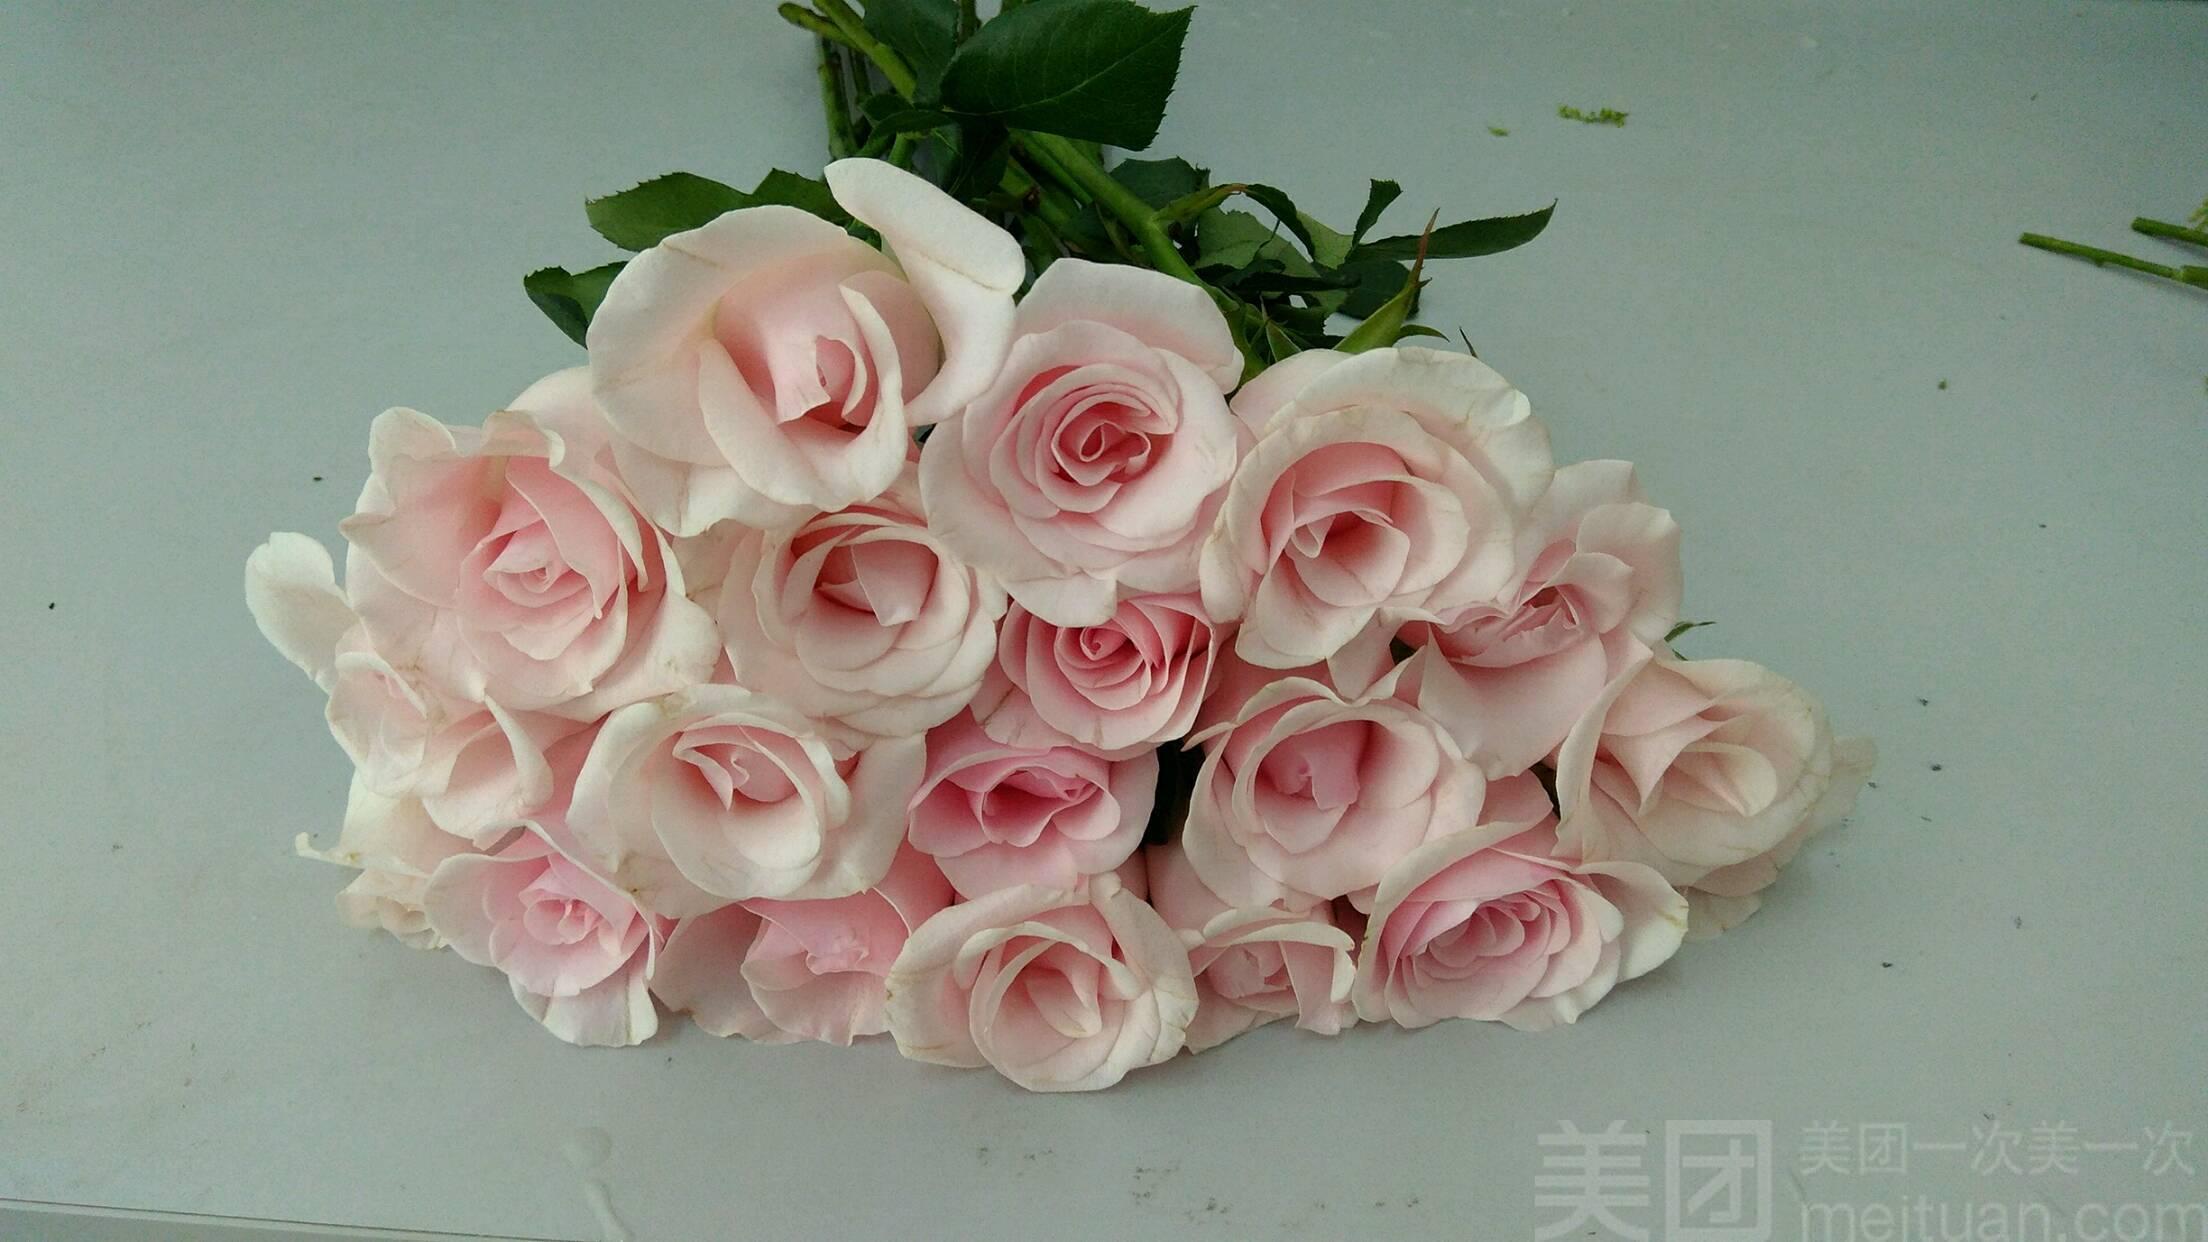 壁纸 花 花束 鲜花 2208_1242图片